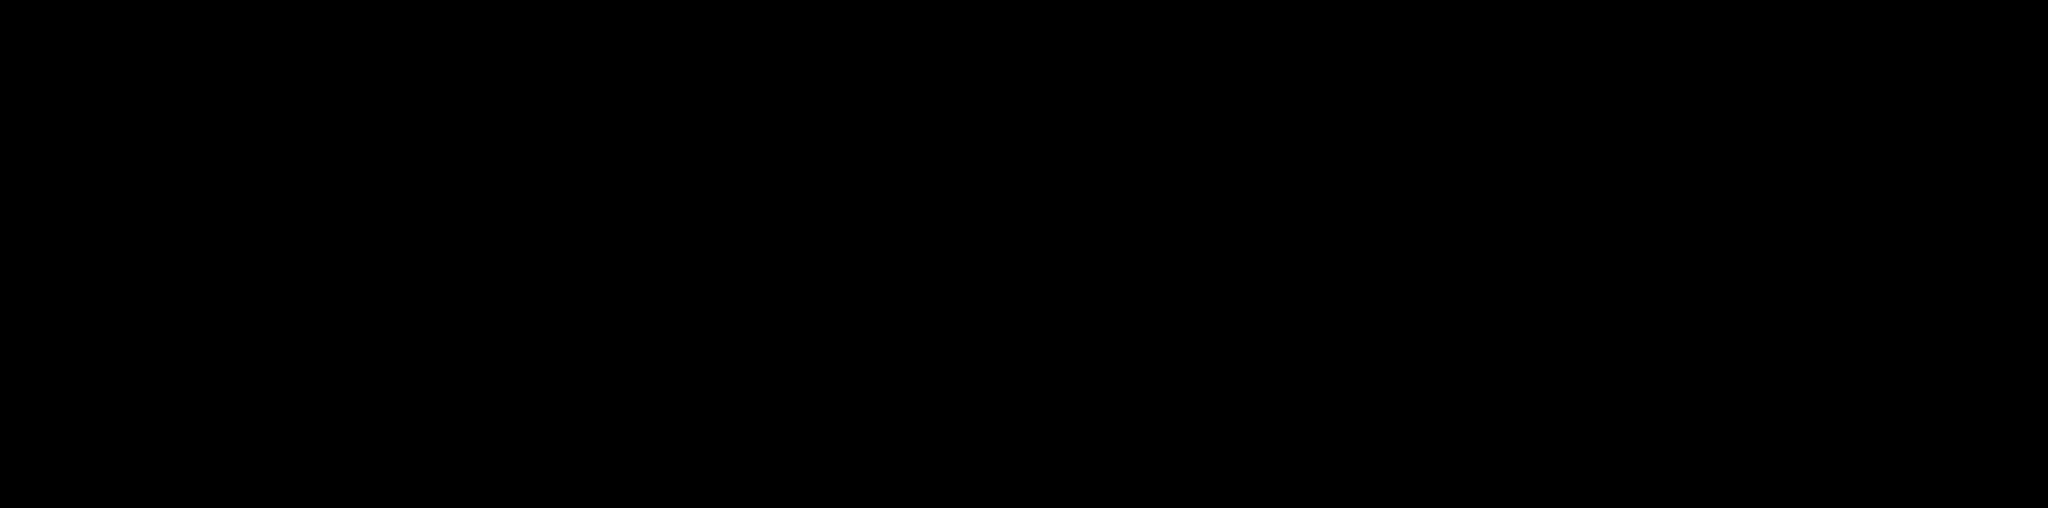 MEDIUM-2048x508.png